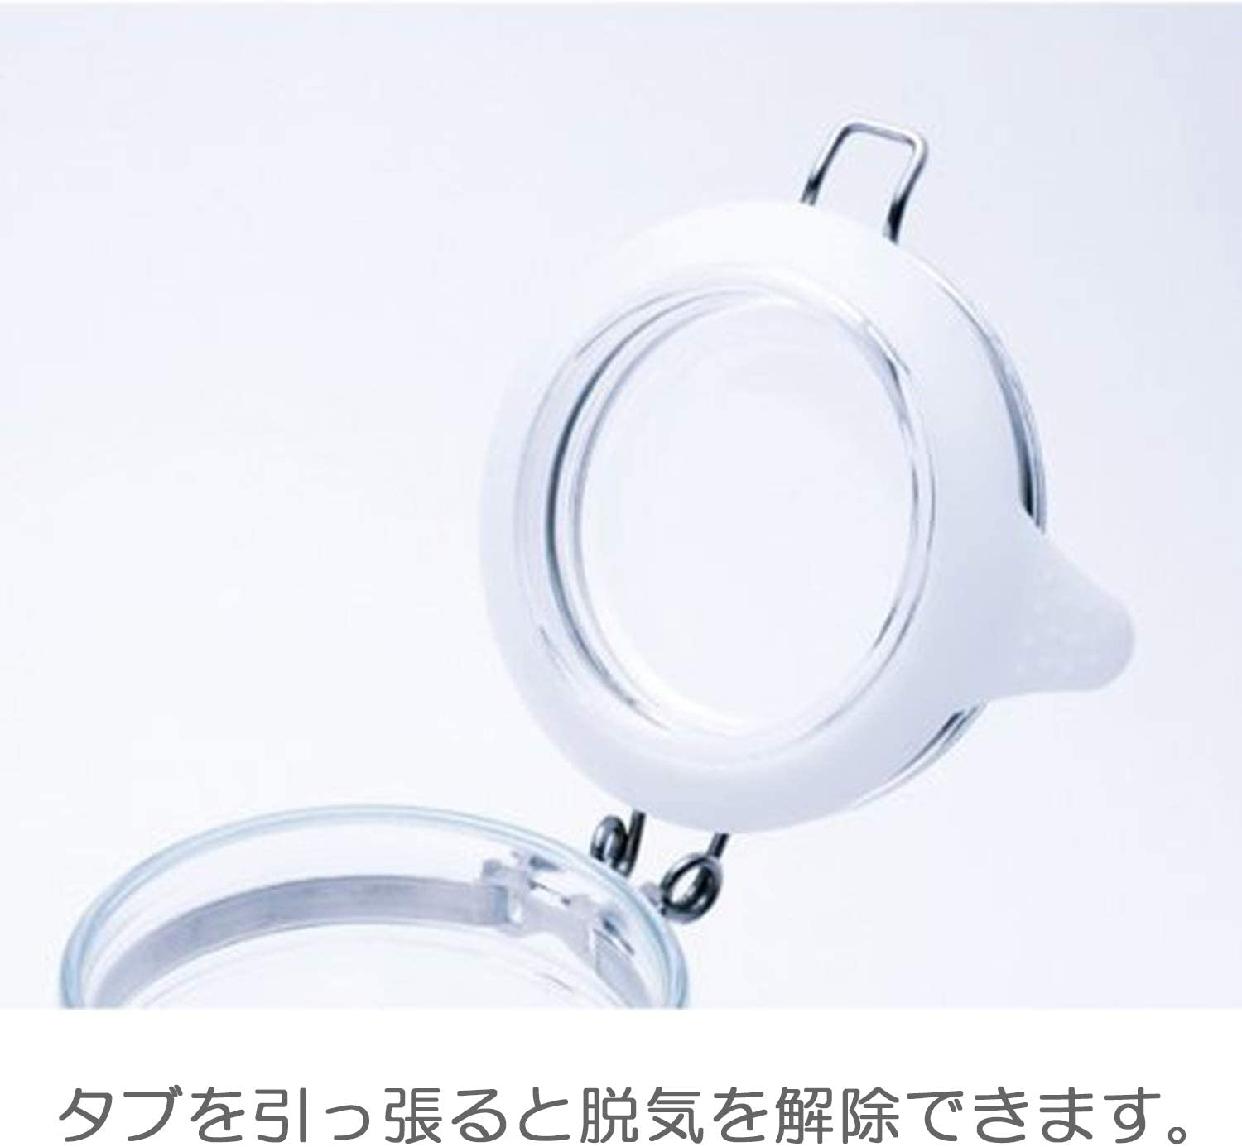 星硝(セイショウ)取手付密封びん4L 220339の商品画像14